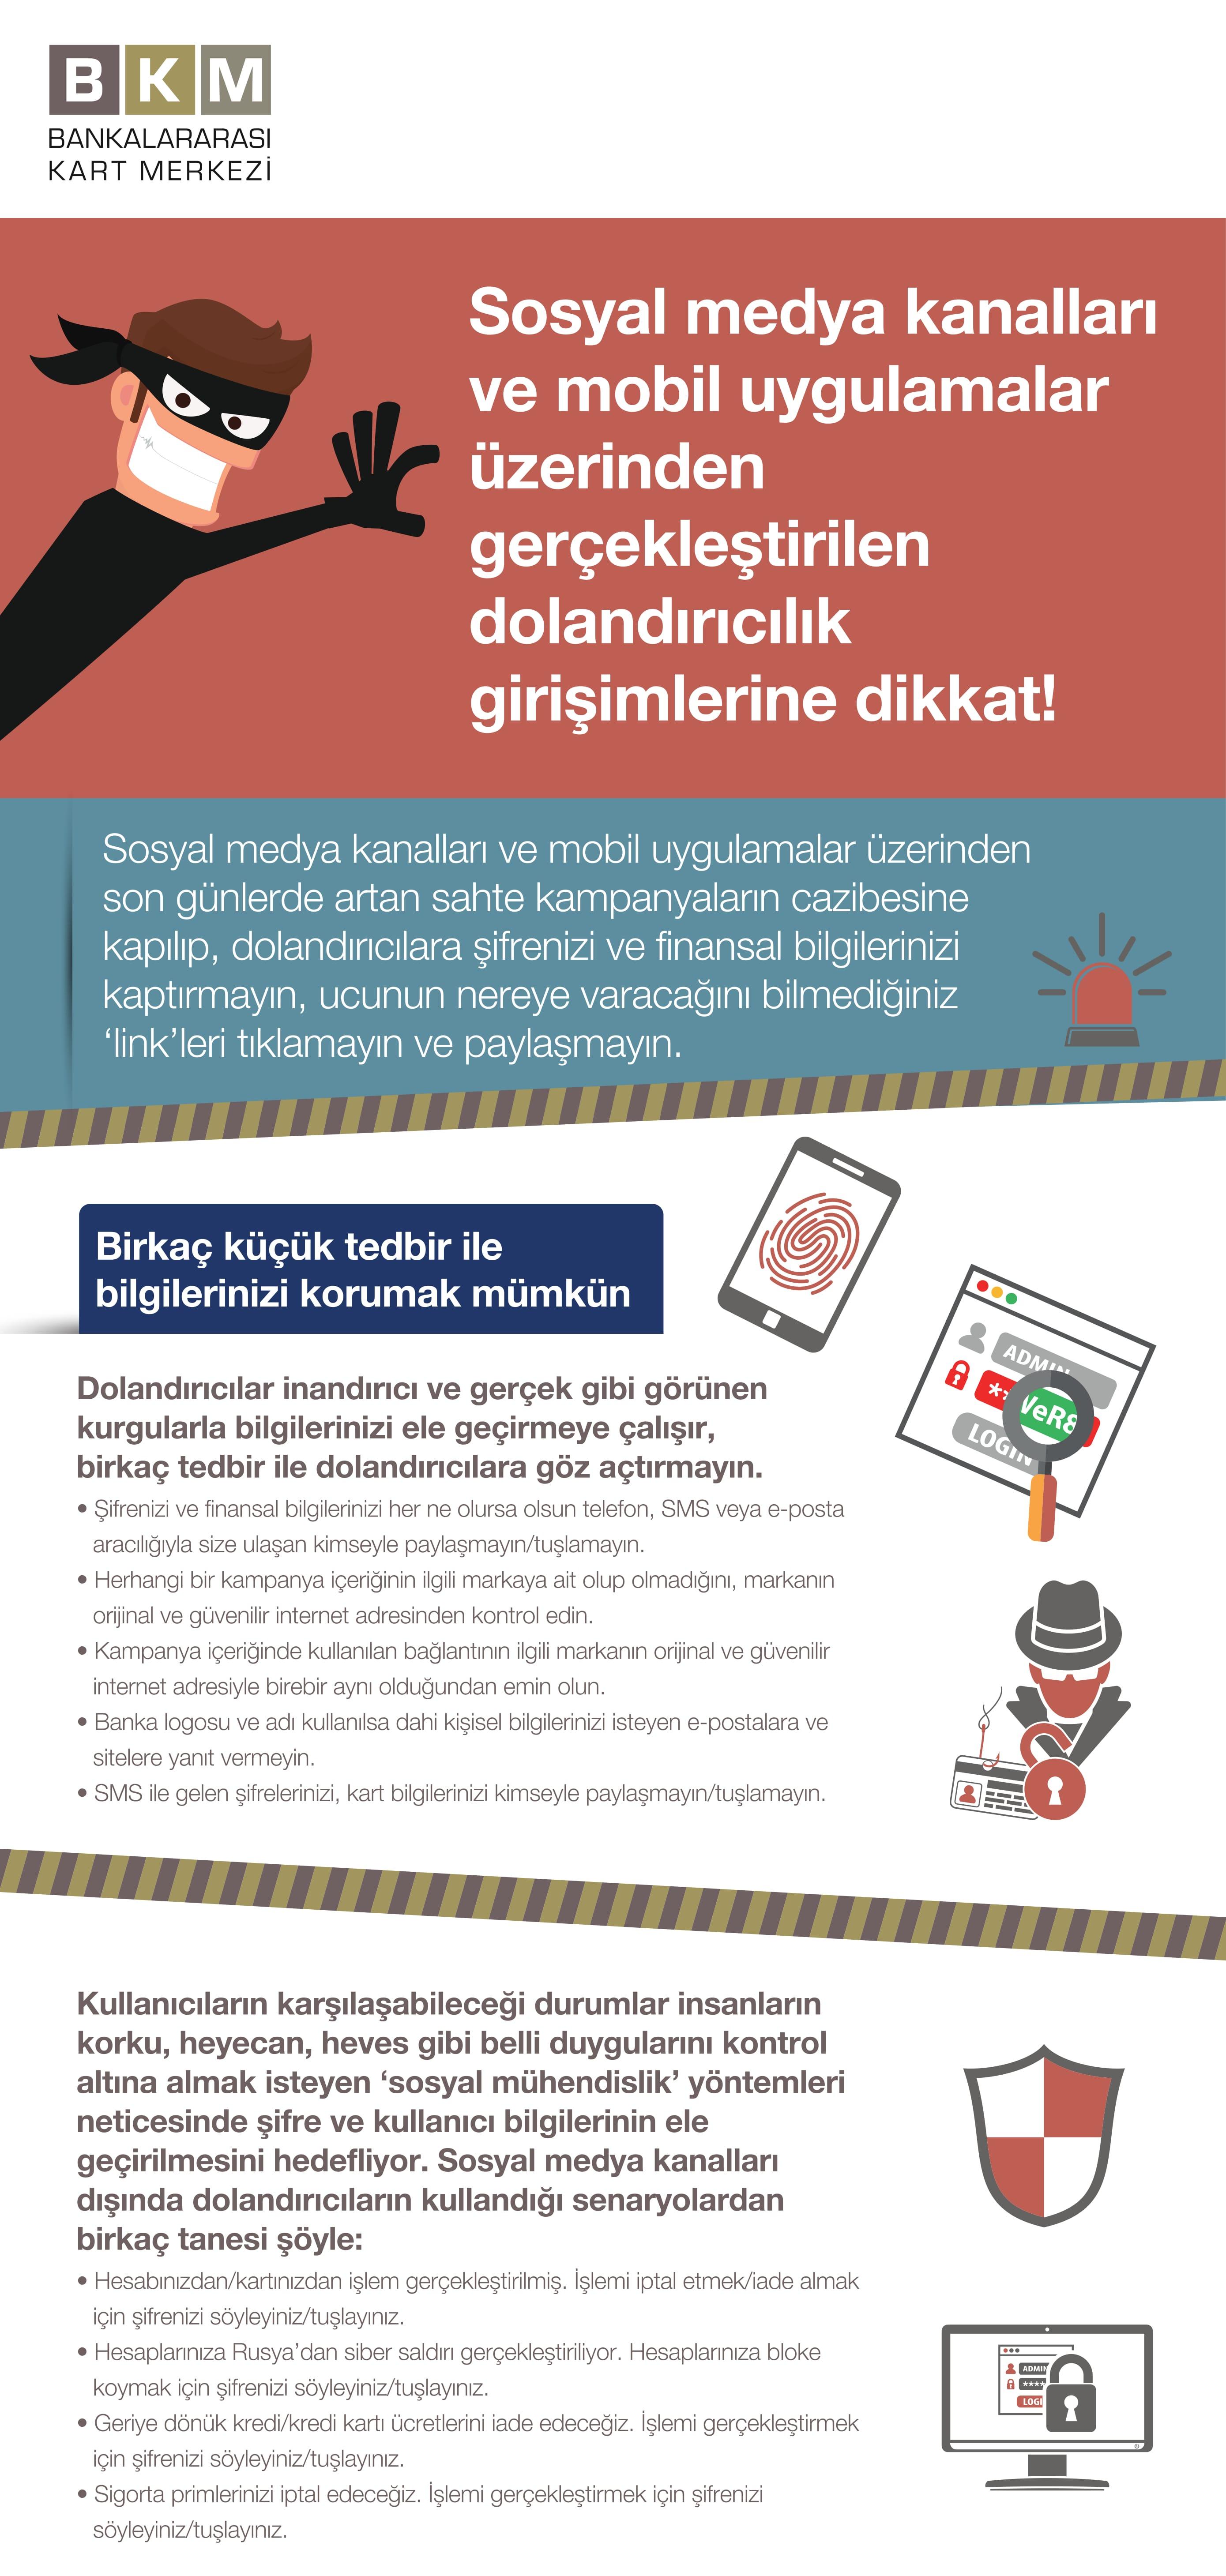 BKM_sosyal_medya_dolandiricilik_infografik-1